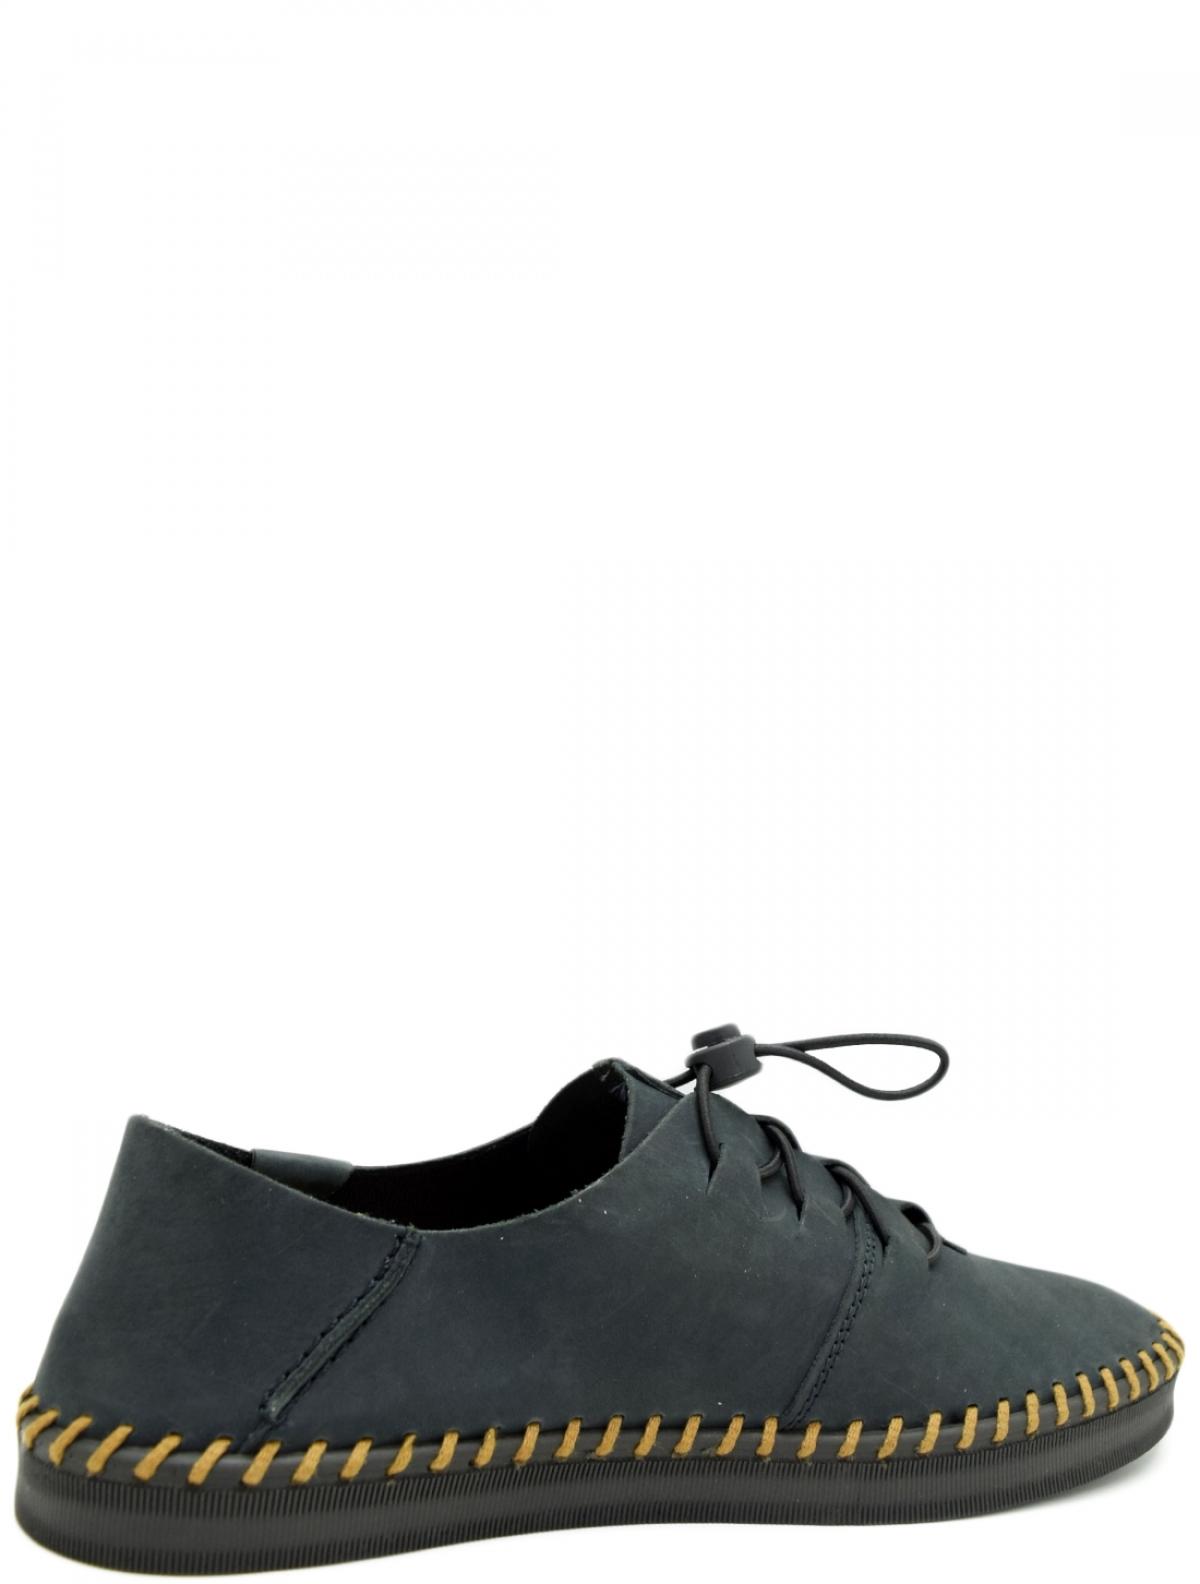 Rieker B2933-14 мужские туфли